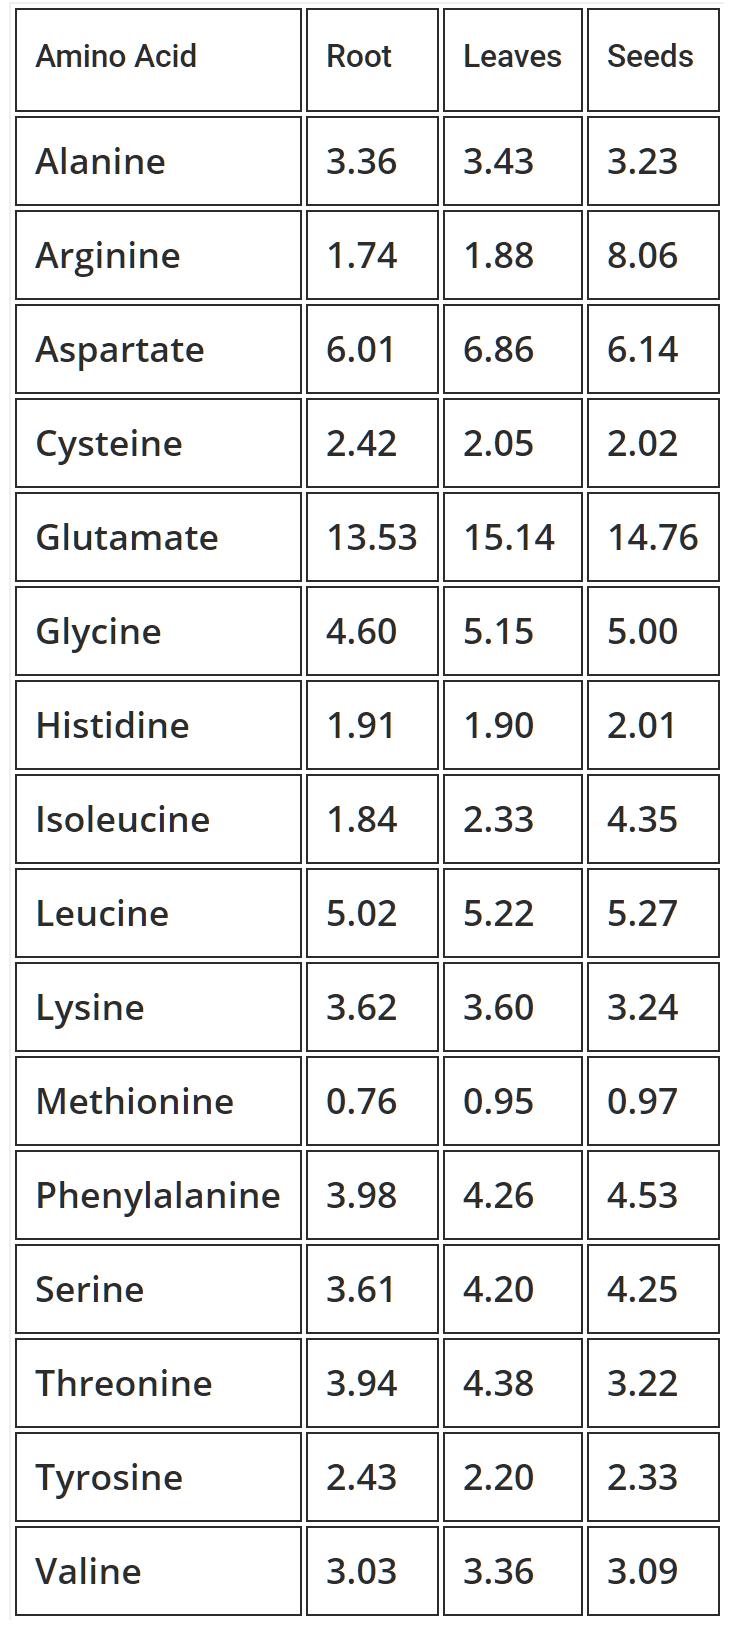 مورینگا و آمینو اسید مقایسه ریشه بذر و برگ